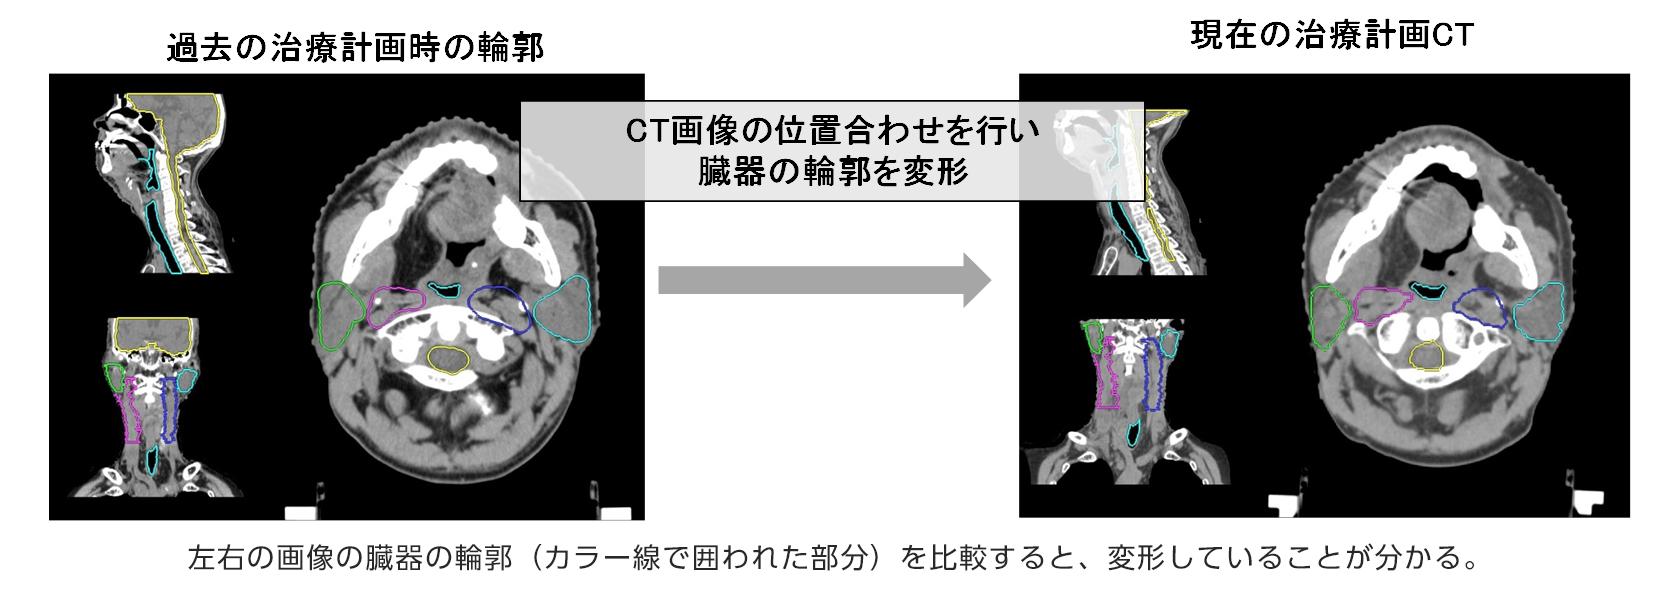 [画像]輪郭プロパゲーション機能